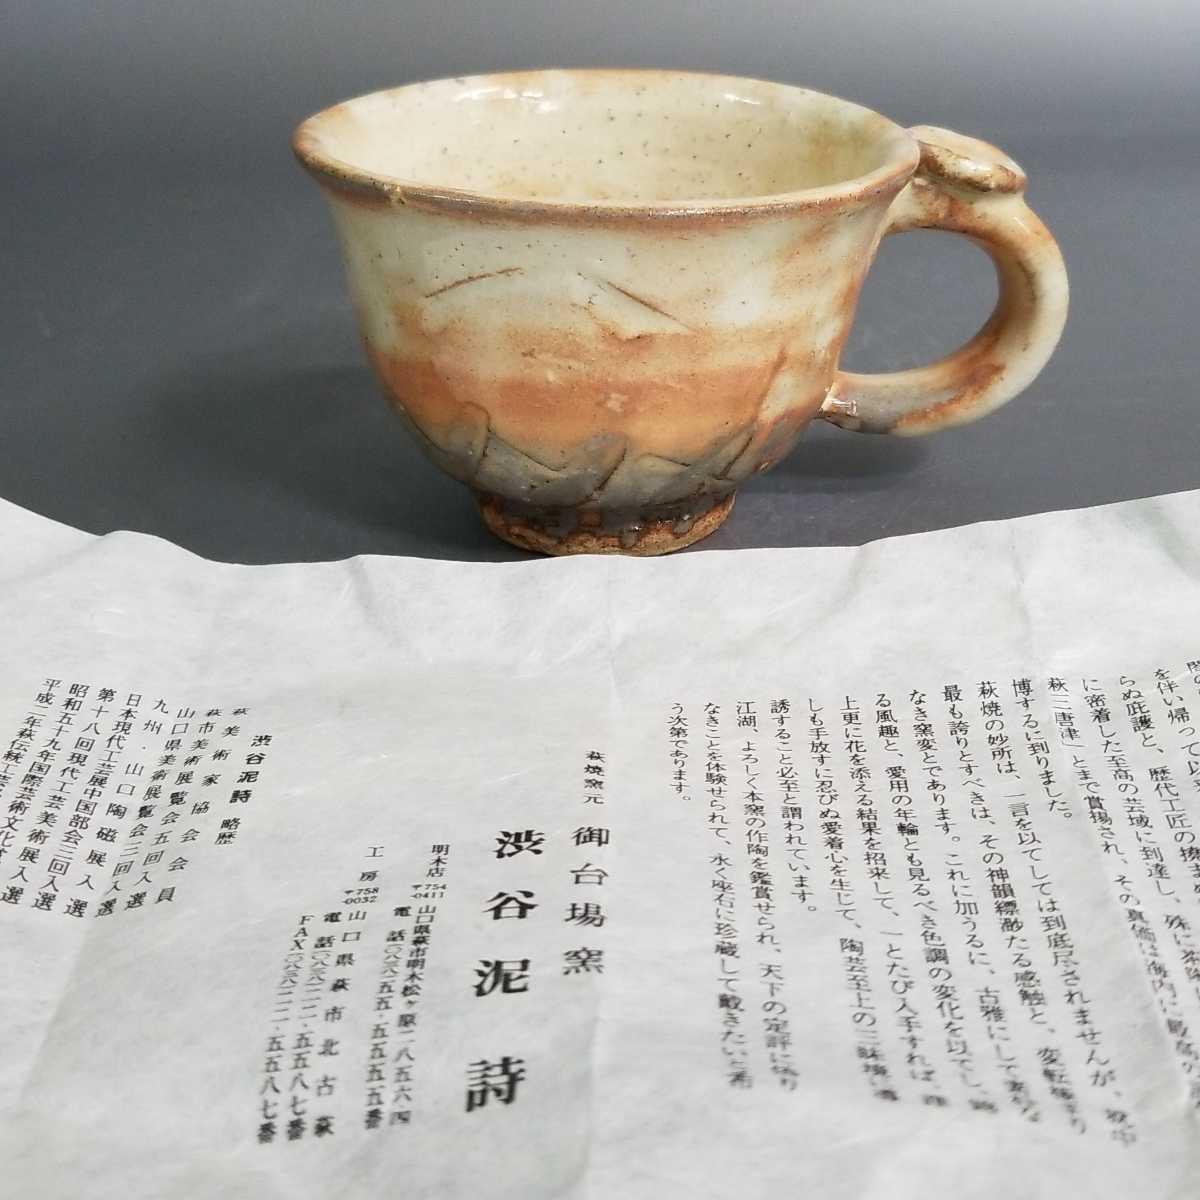 緒61)萩焼 渋谷泥詩 見島コーヒーカップ マグカップ 珈琲器 茶器 未使用新品 同梱歓迎_画像9